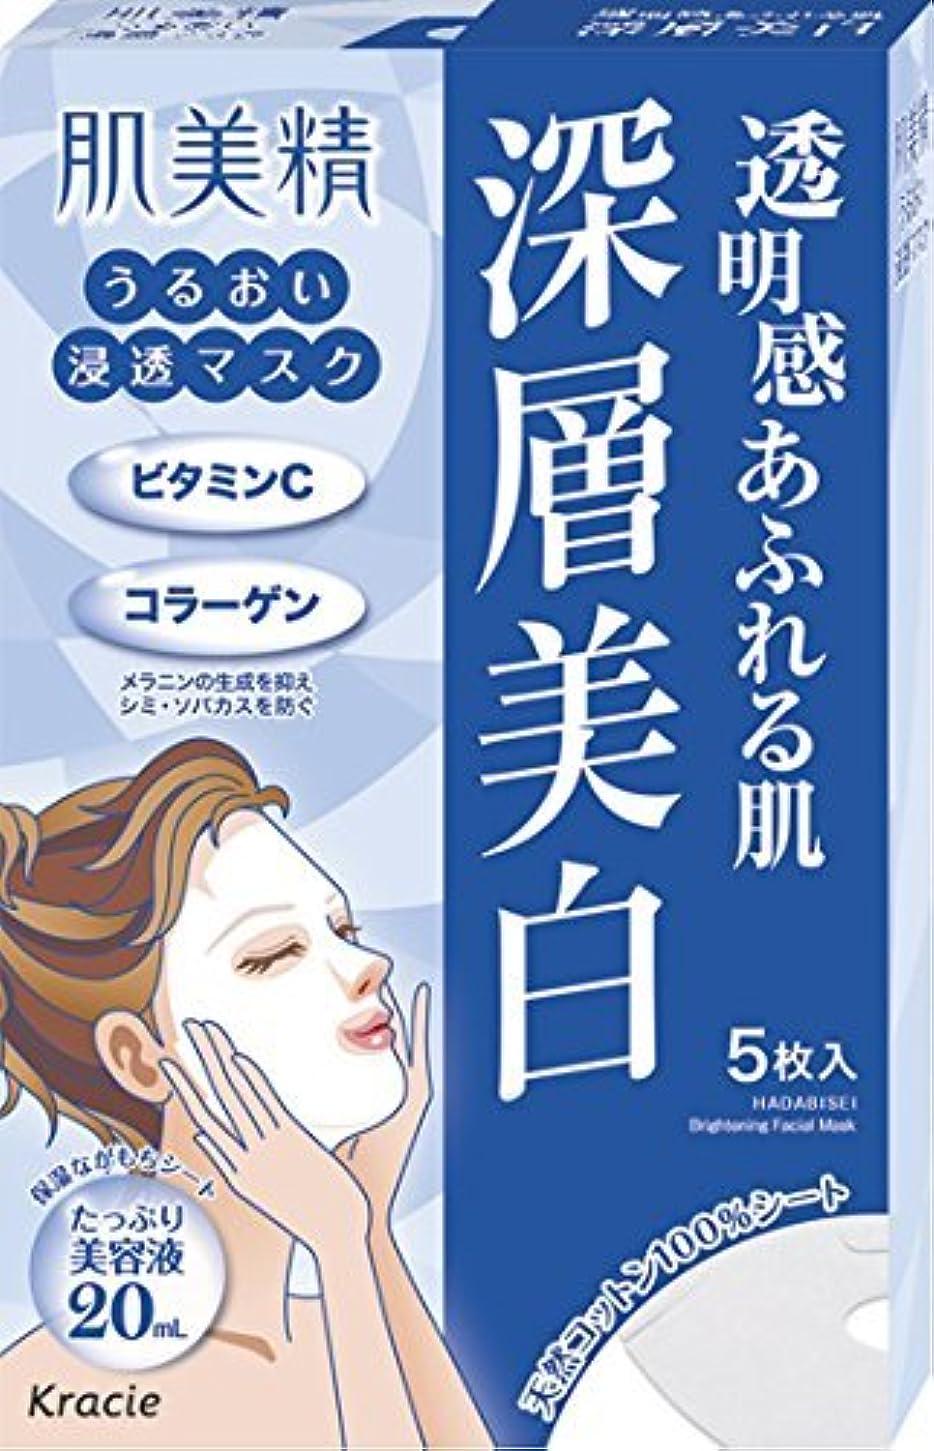 【22個セット】肌美精 うるおい浸透マスク (深層美白) 5枚 [医薬部外品]×22個